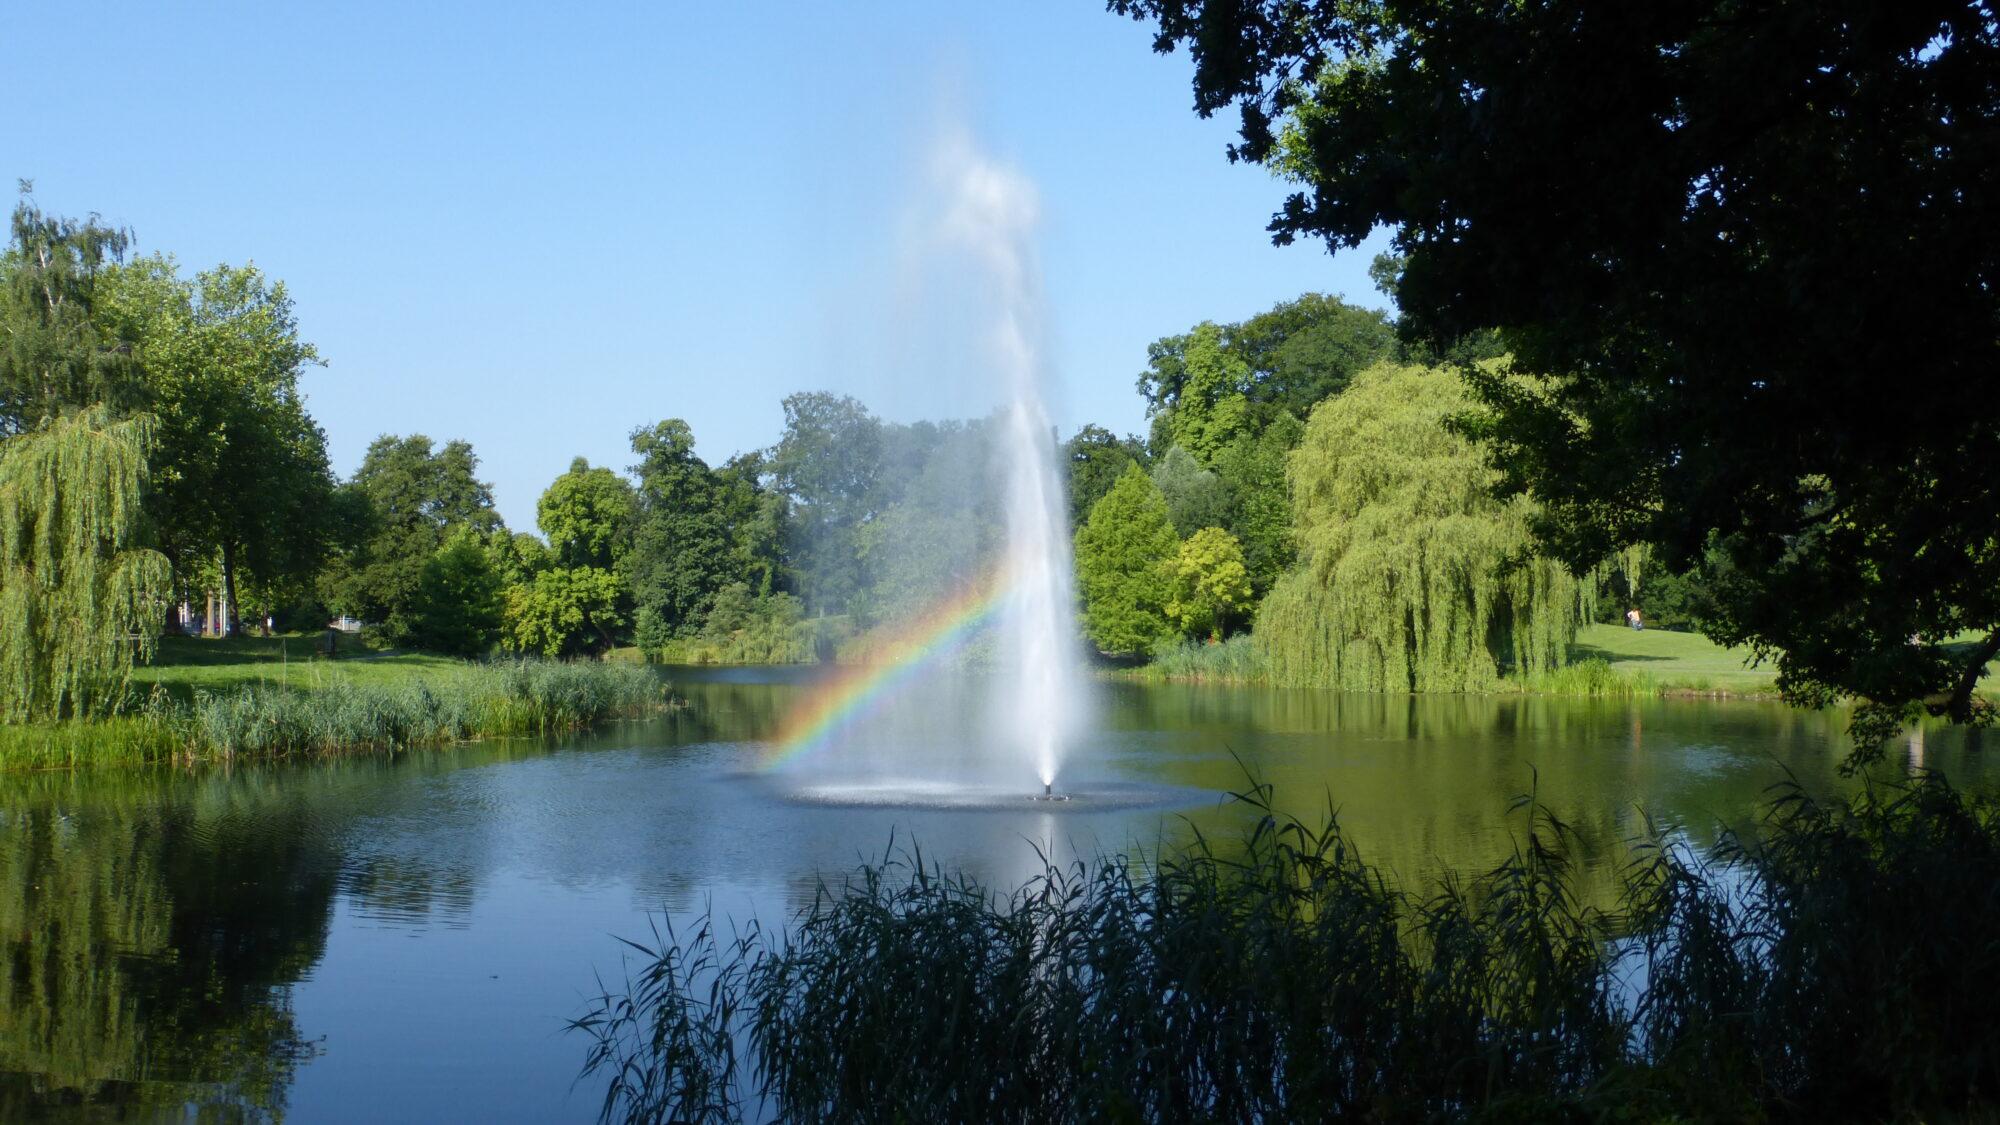 Rijsterborgherpark in Deventer klaar voor de zomer